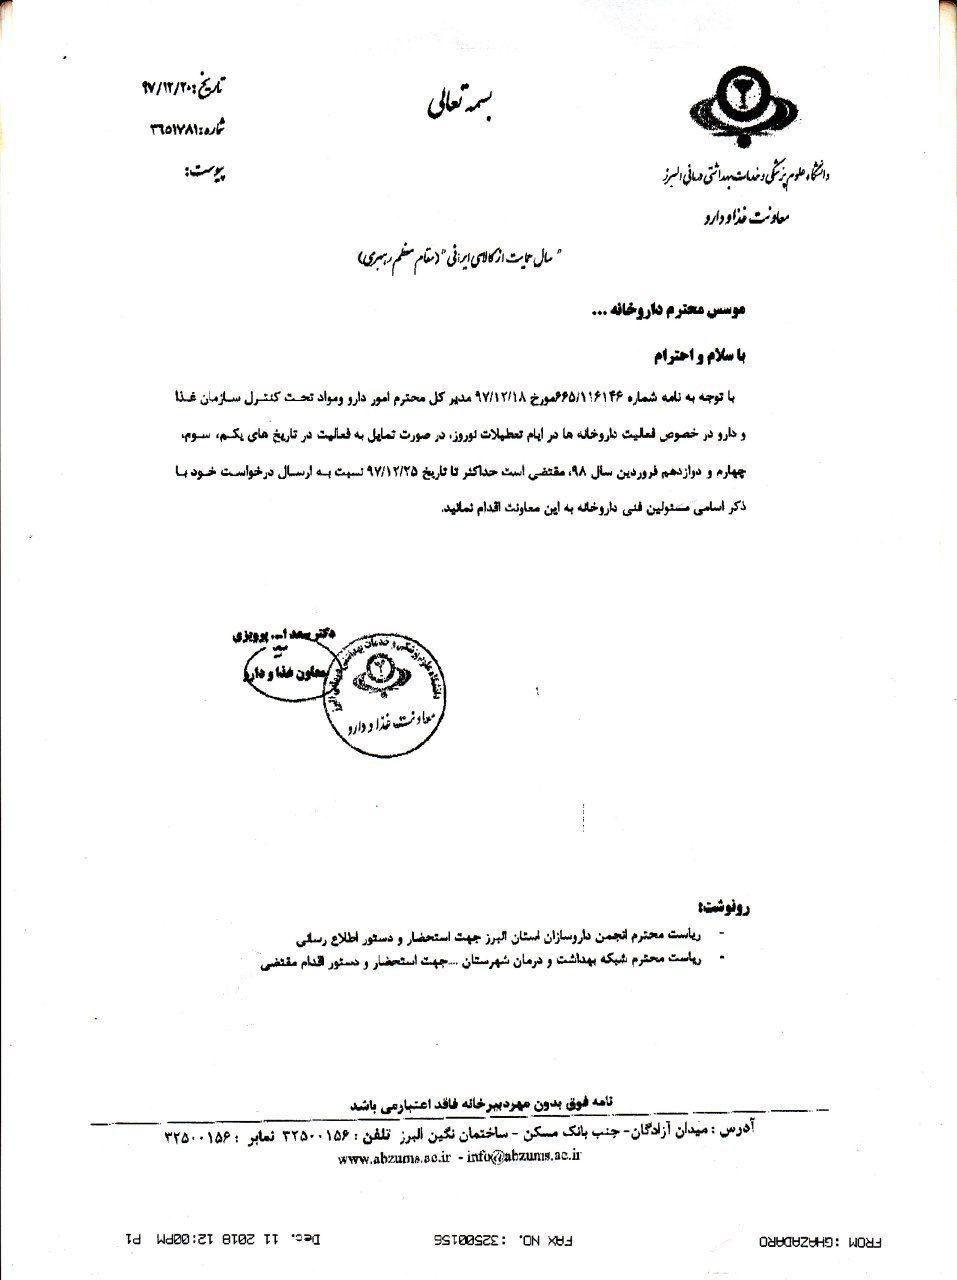 اطلاعیه مهم معاونت محترم غذا و داروی استان البرز در خصوص ایام تعطیلات نوروز